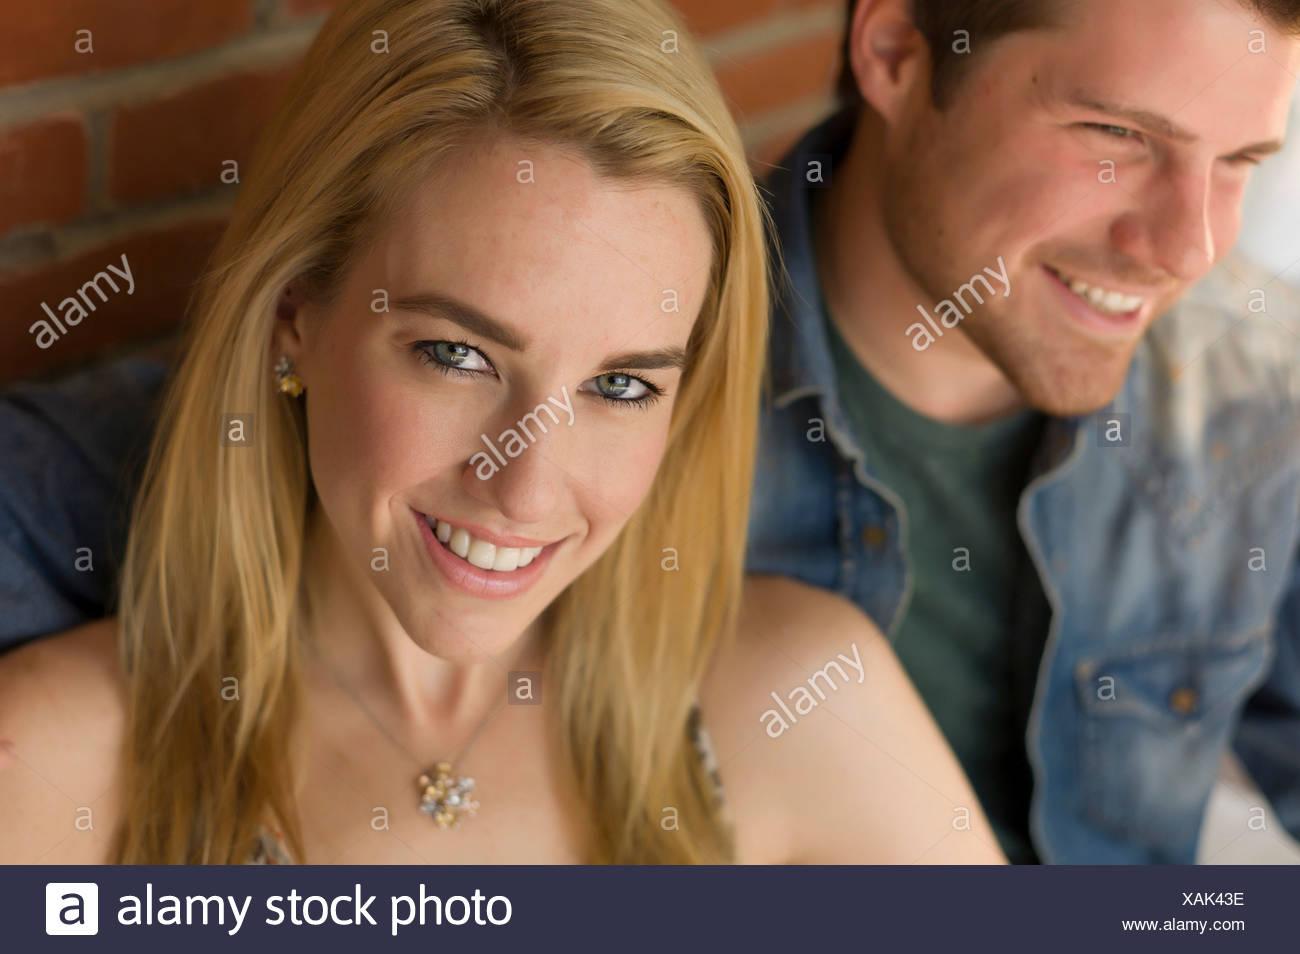 Ritratto di giovane, focus sul giovane donna sorridente Immagini Stock